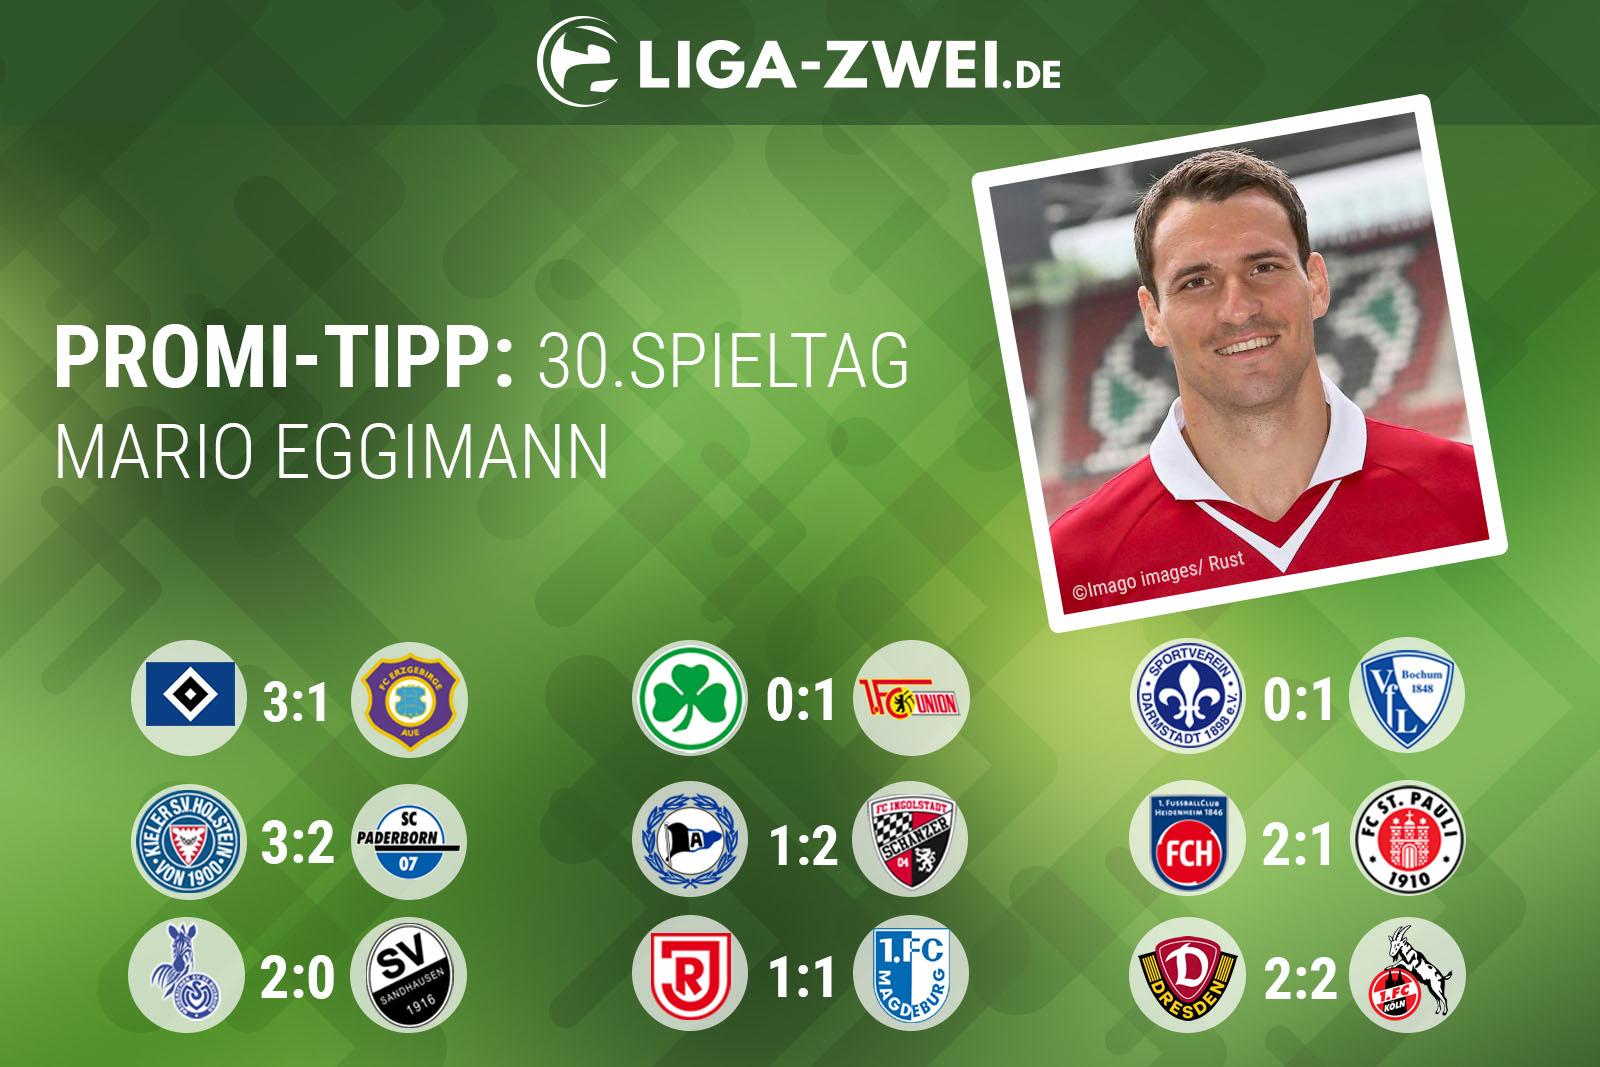 So tippt Mario Eggimann den 30. Spieltag in der 2. Bundesliga